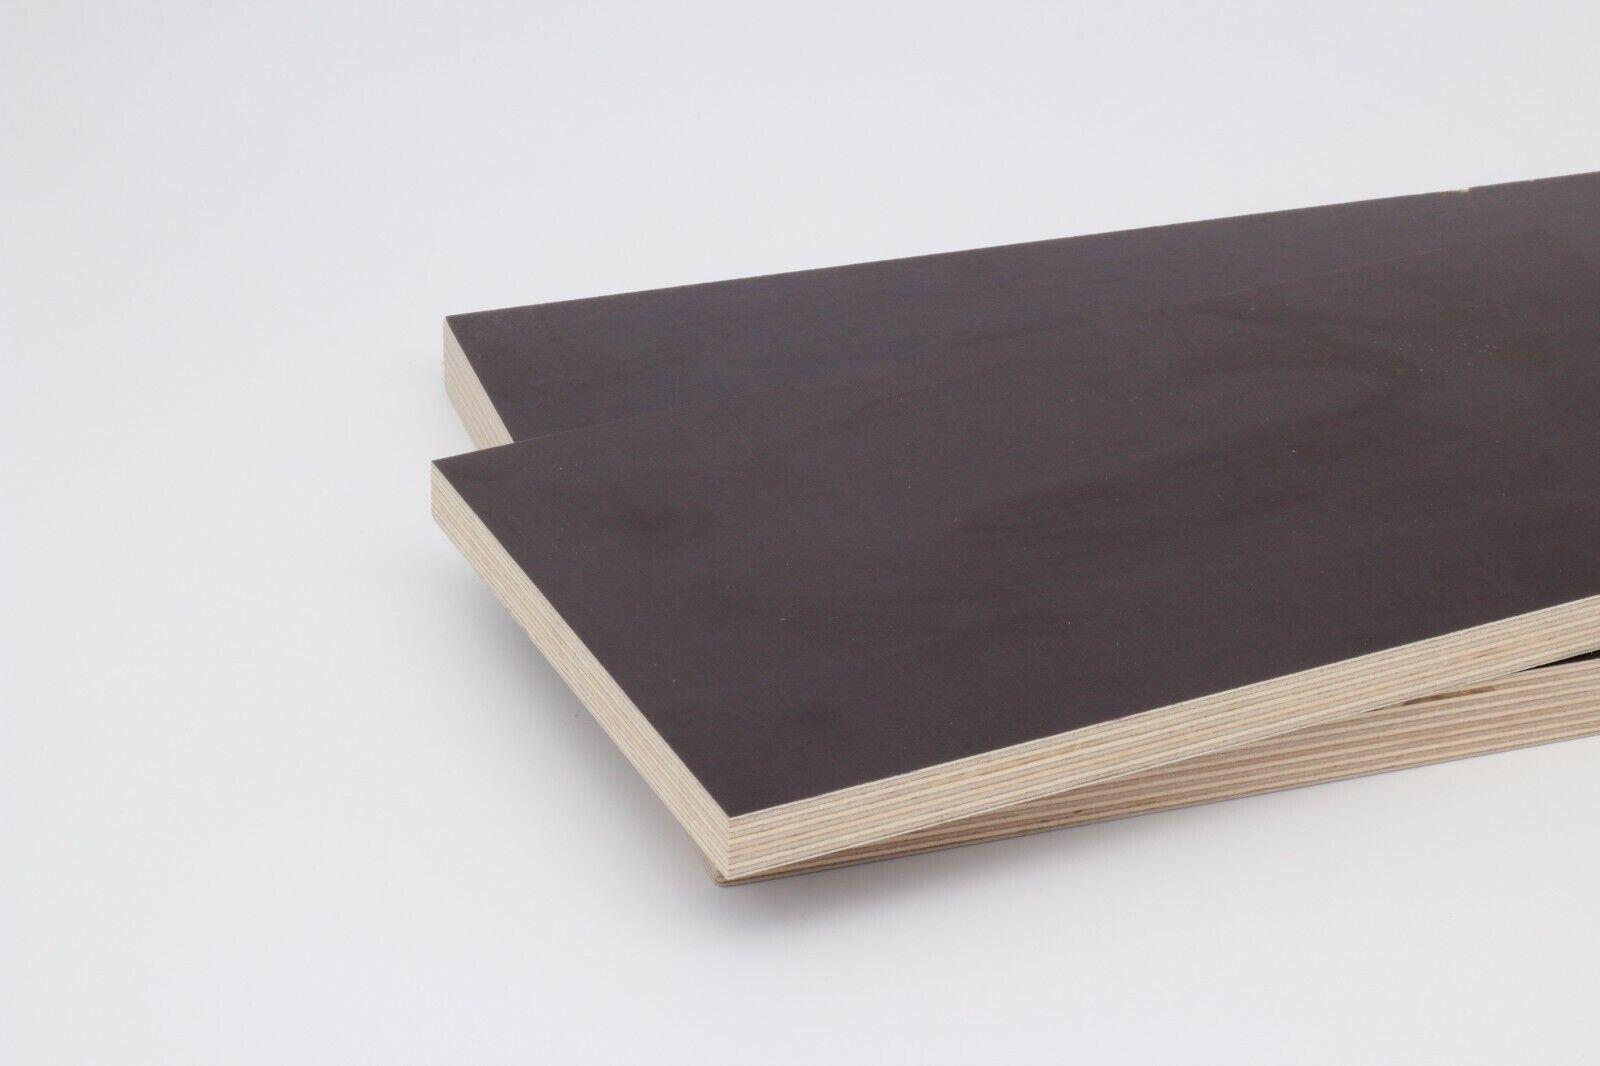 40x50 cm Siebdruckplatte 27mm Zuschnitt Multiplex Birke Holz Bodenplatte